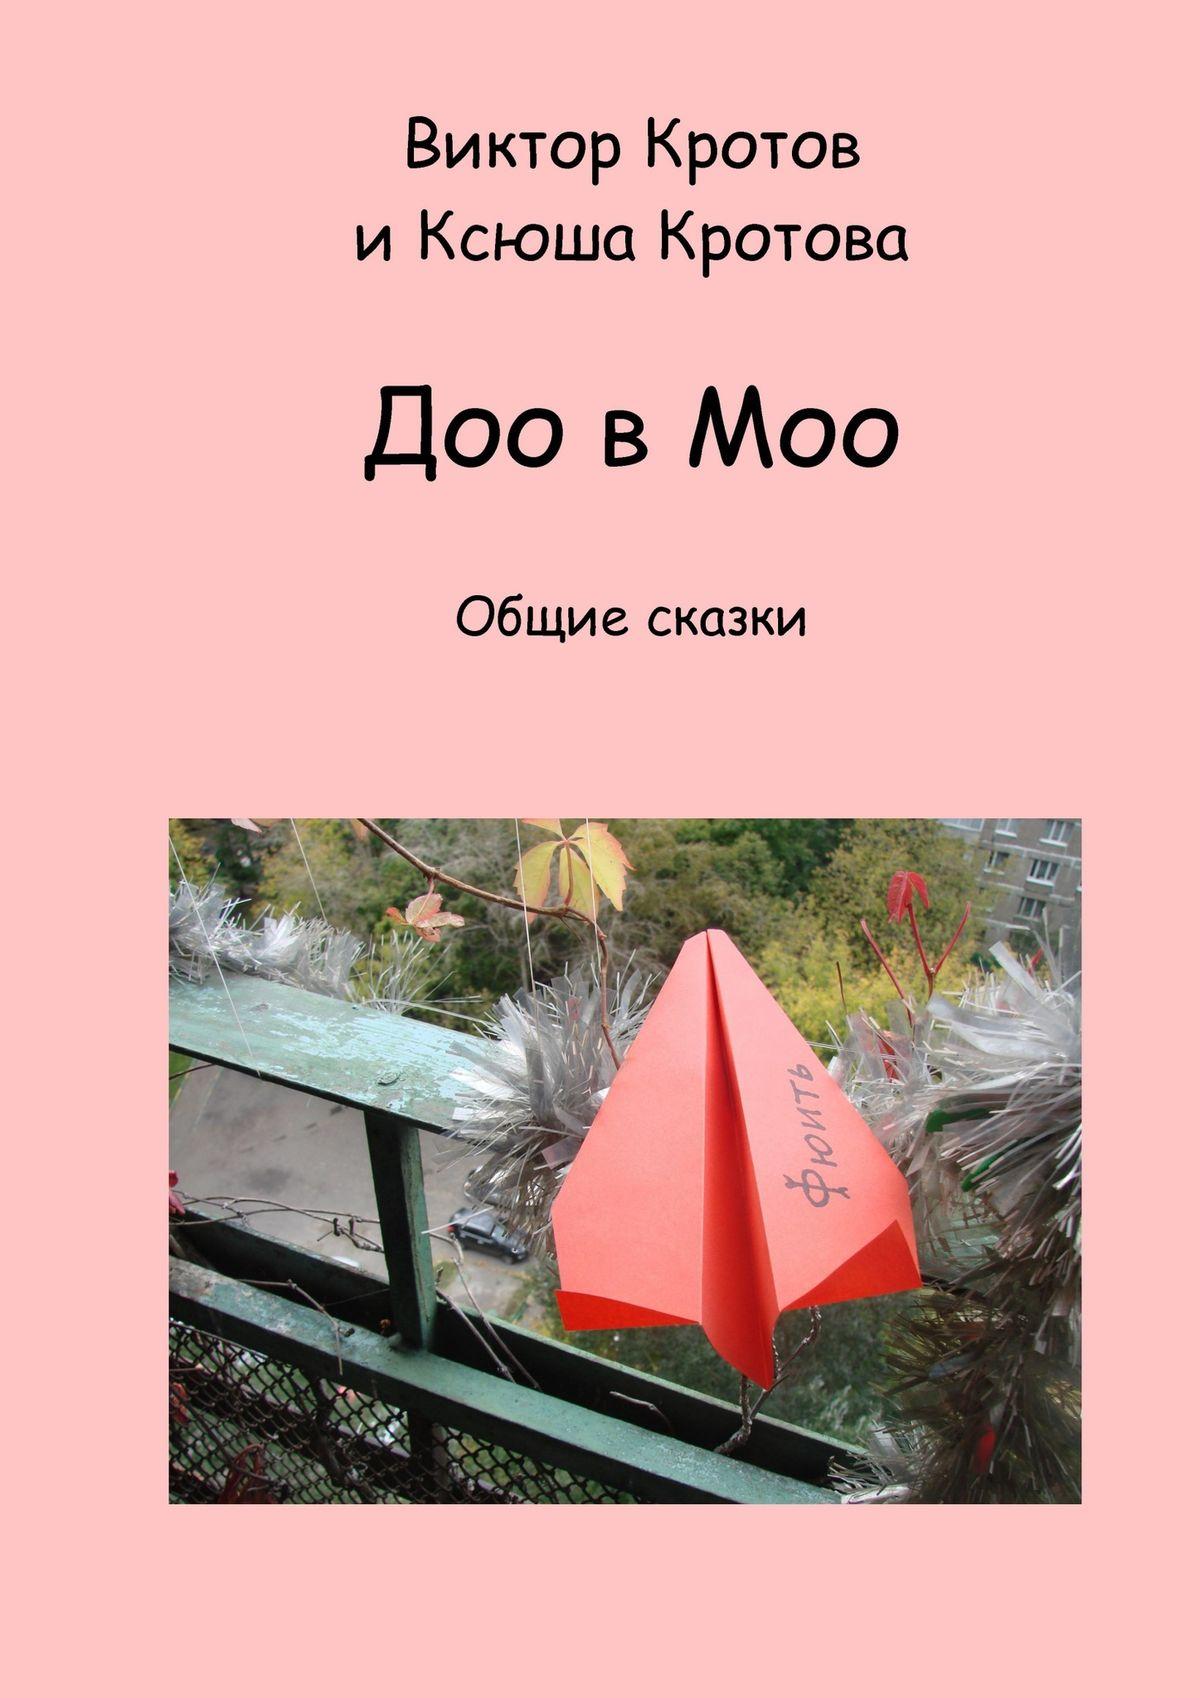 Фото - Виктор Кротов Доо в Моо. Общие сказки виктор кротов потеря приобретающая сборник эссе